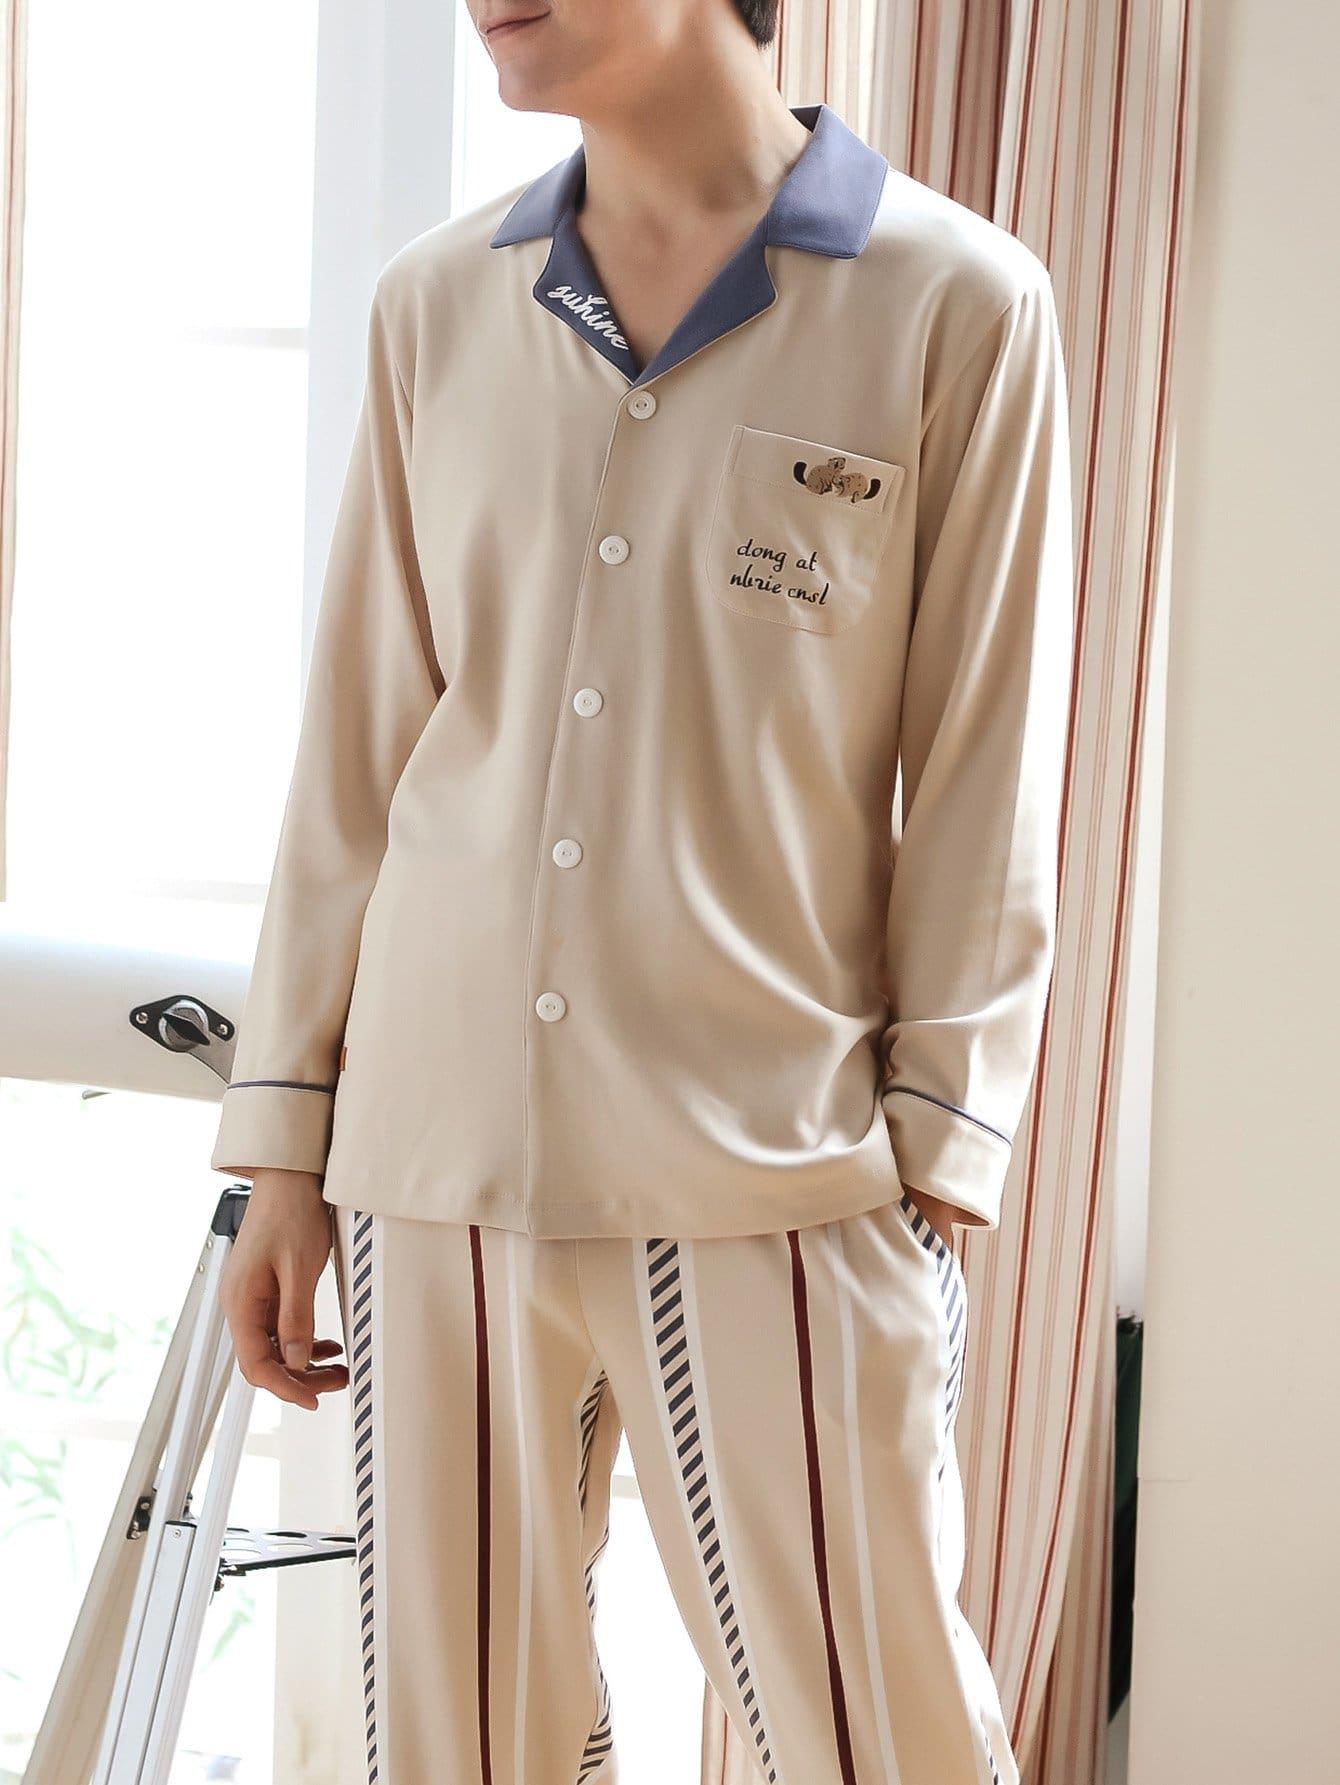 Купить Комплект полосатой пижамы с украшением пуговицы для мужчины, null, SheIn